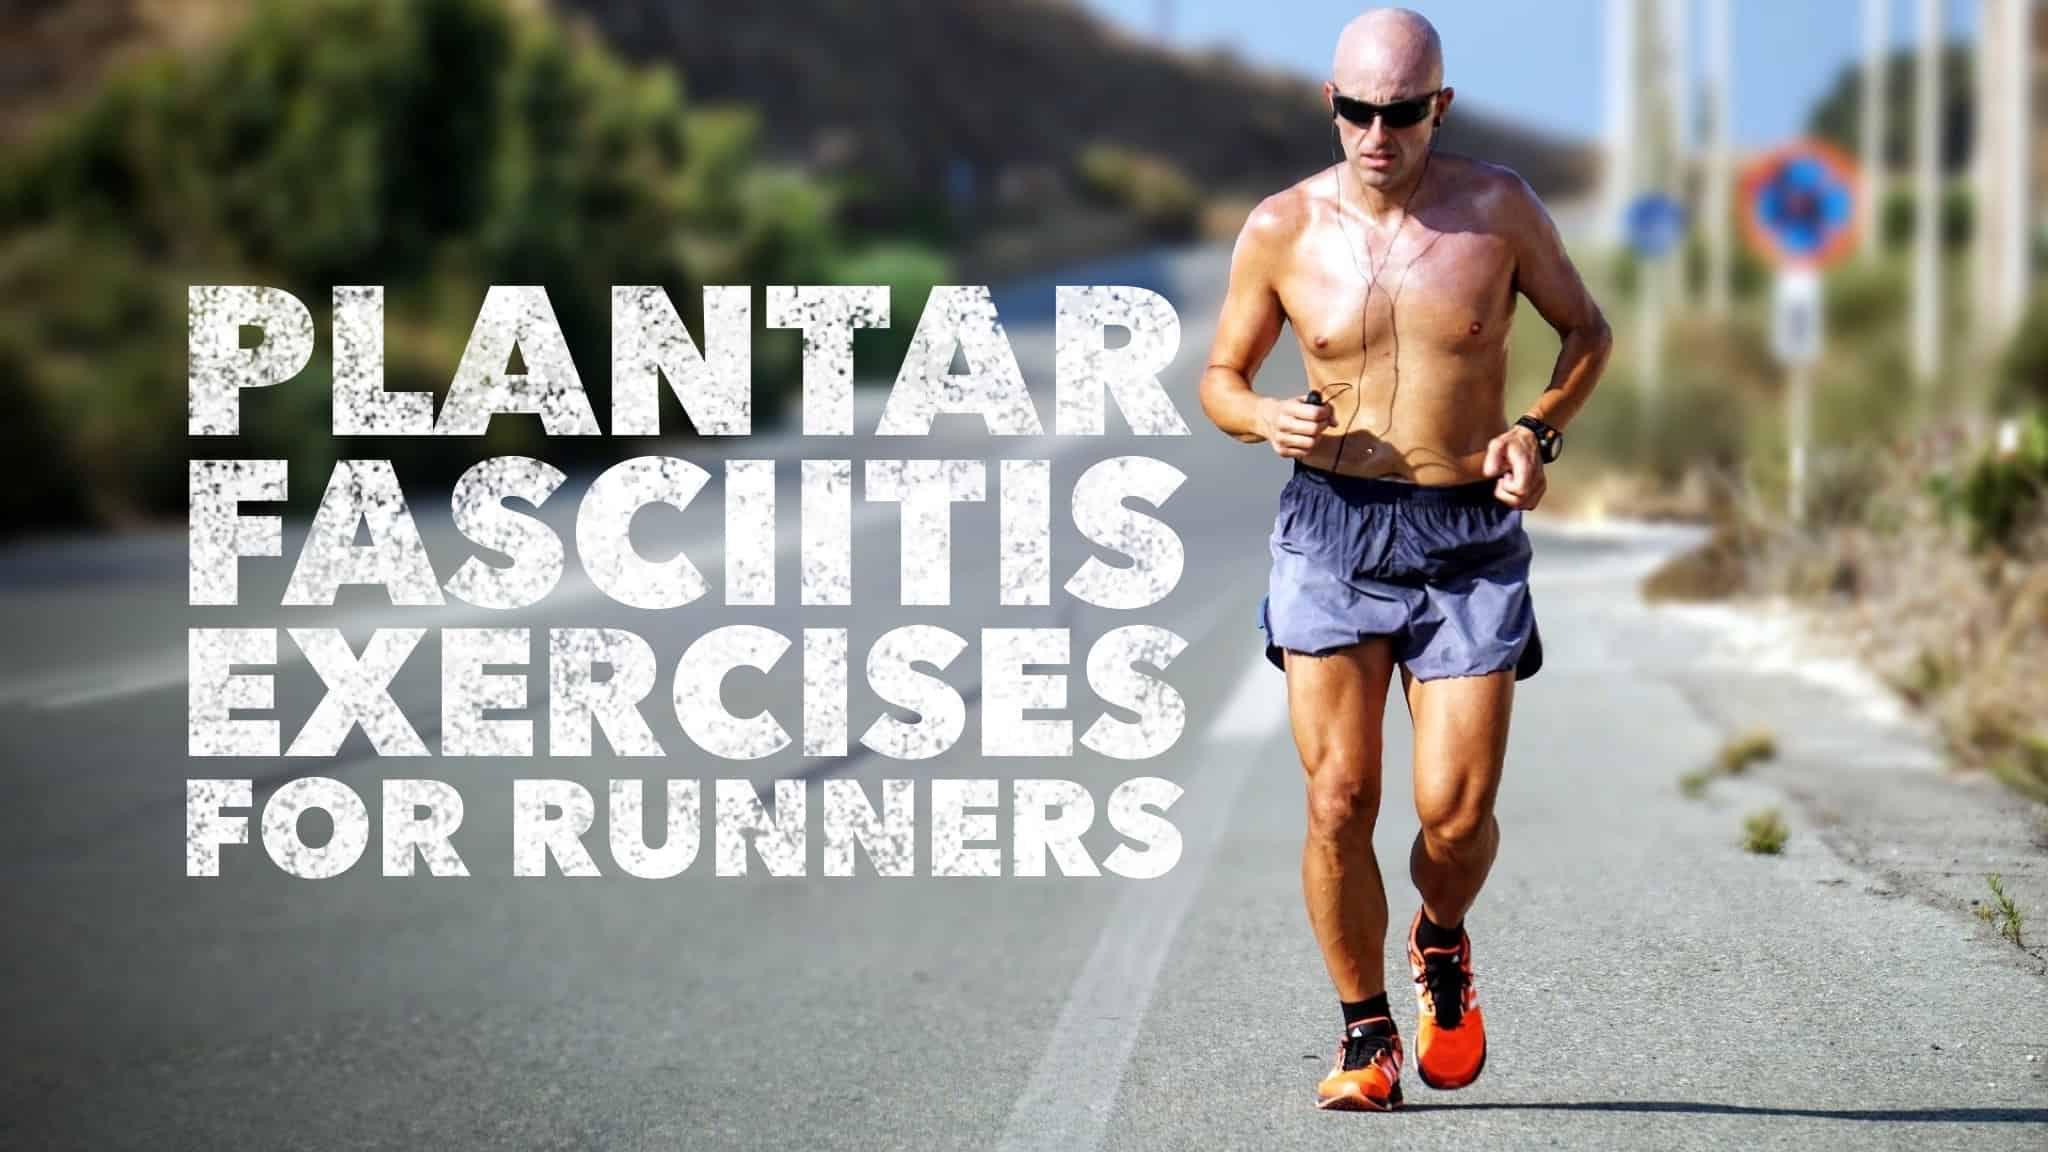 plantar-fasciitis-exercises-for-runners